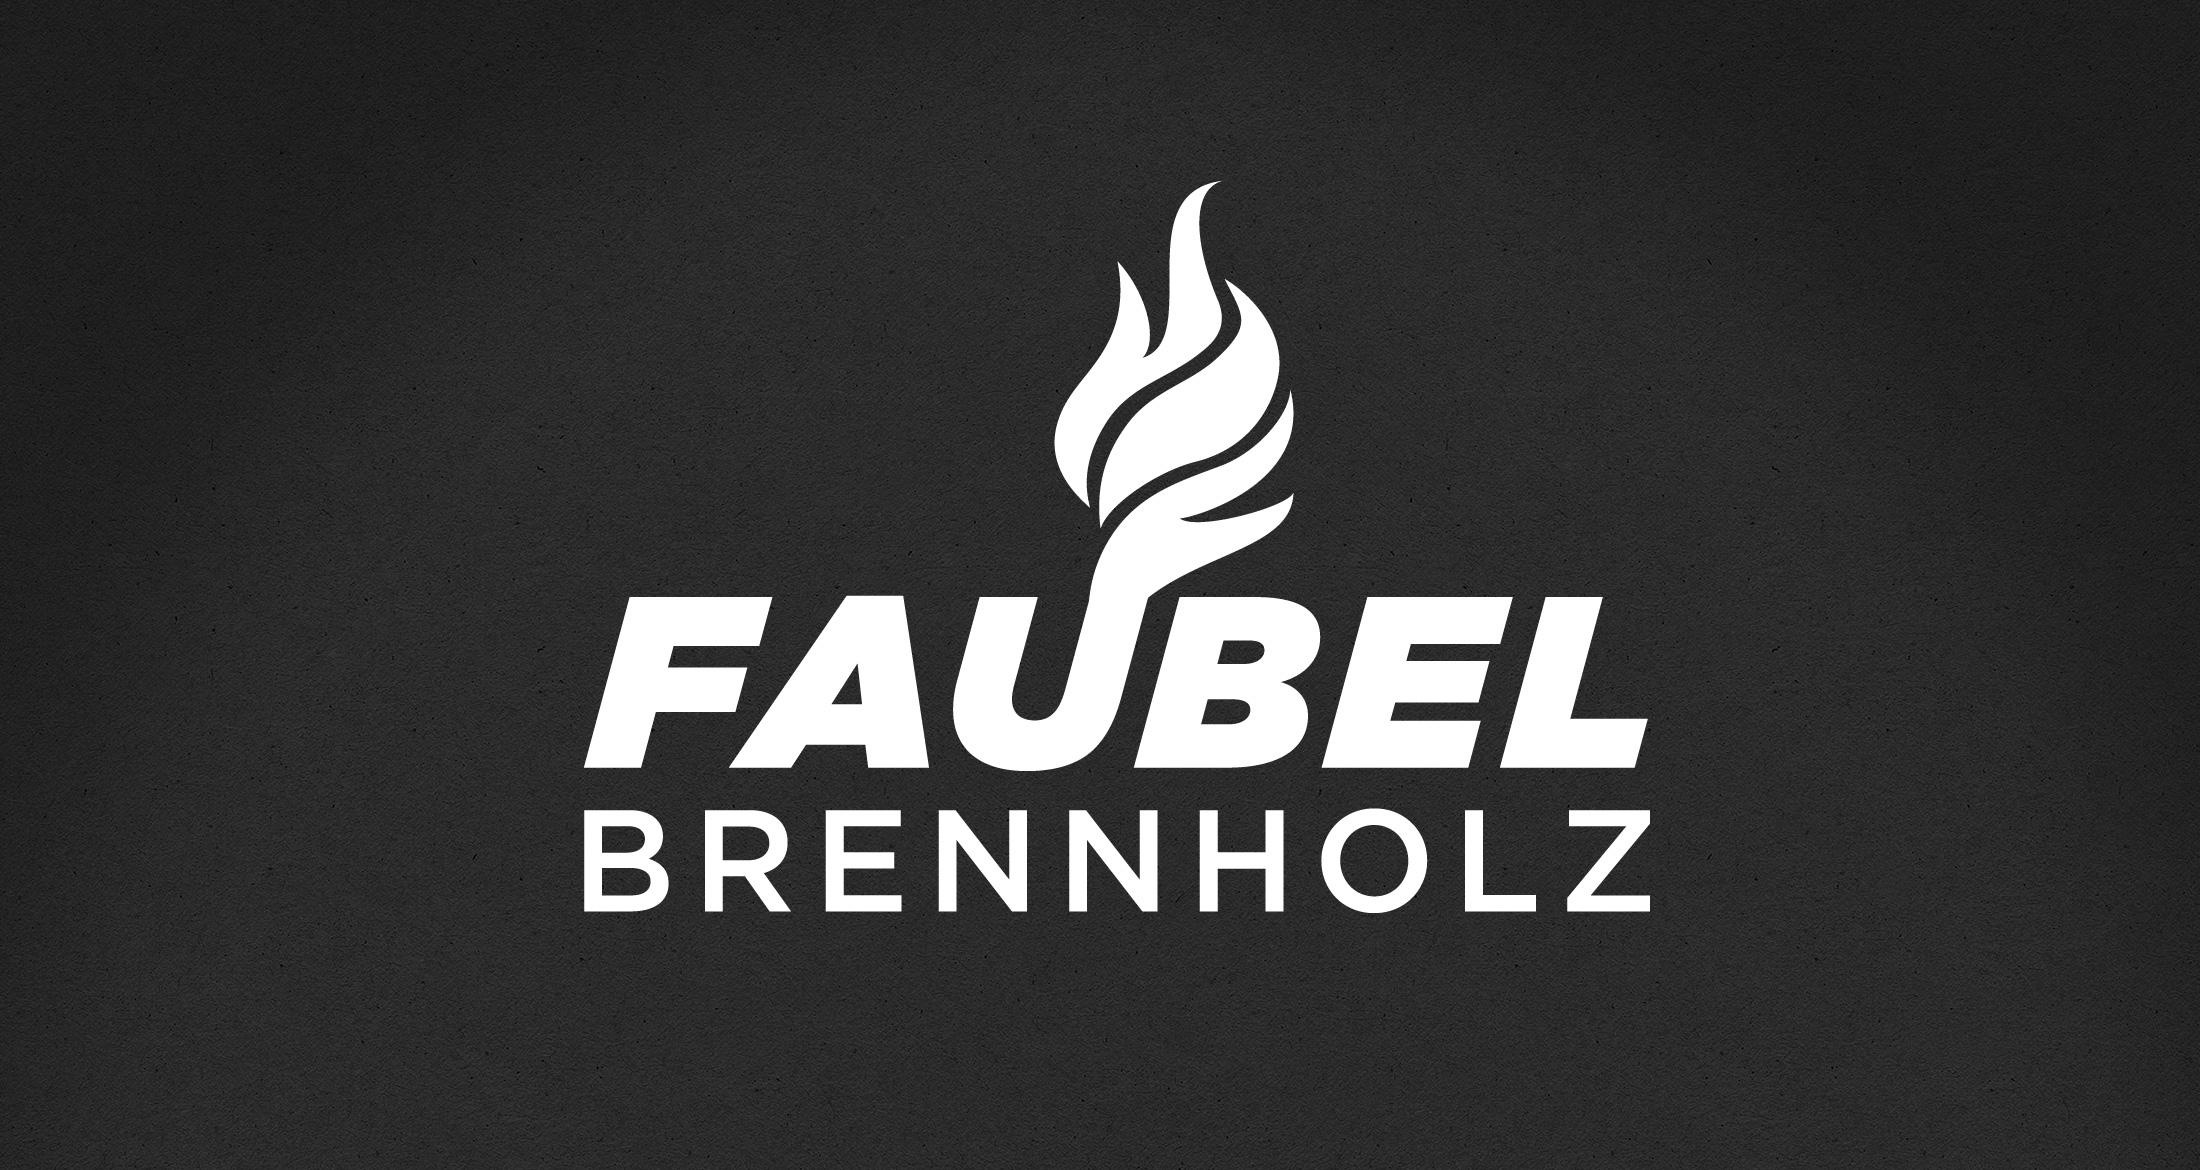 Logo Brennholzhandel, Mörsfeld, 1-farbig weiß (negativ)